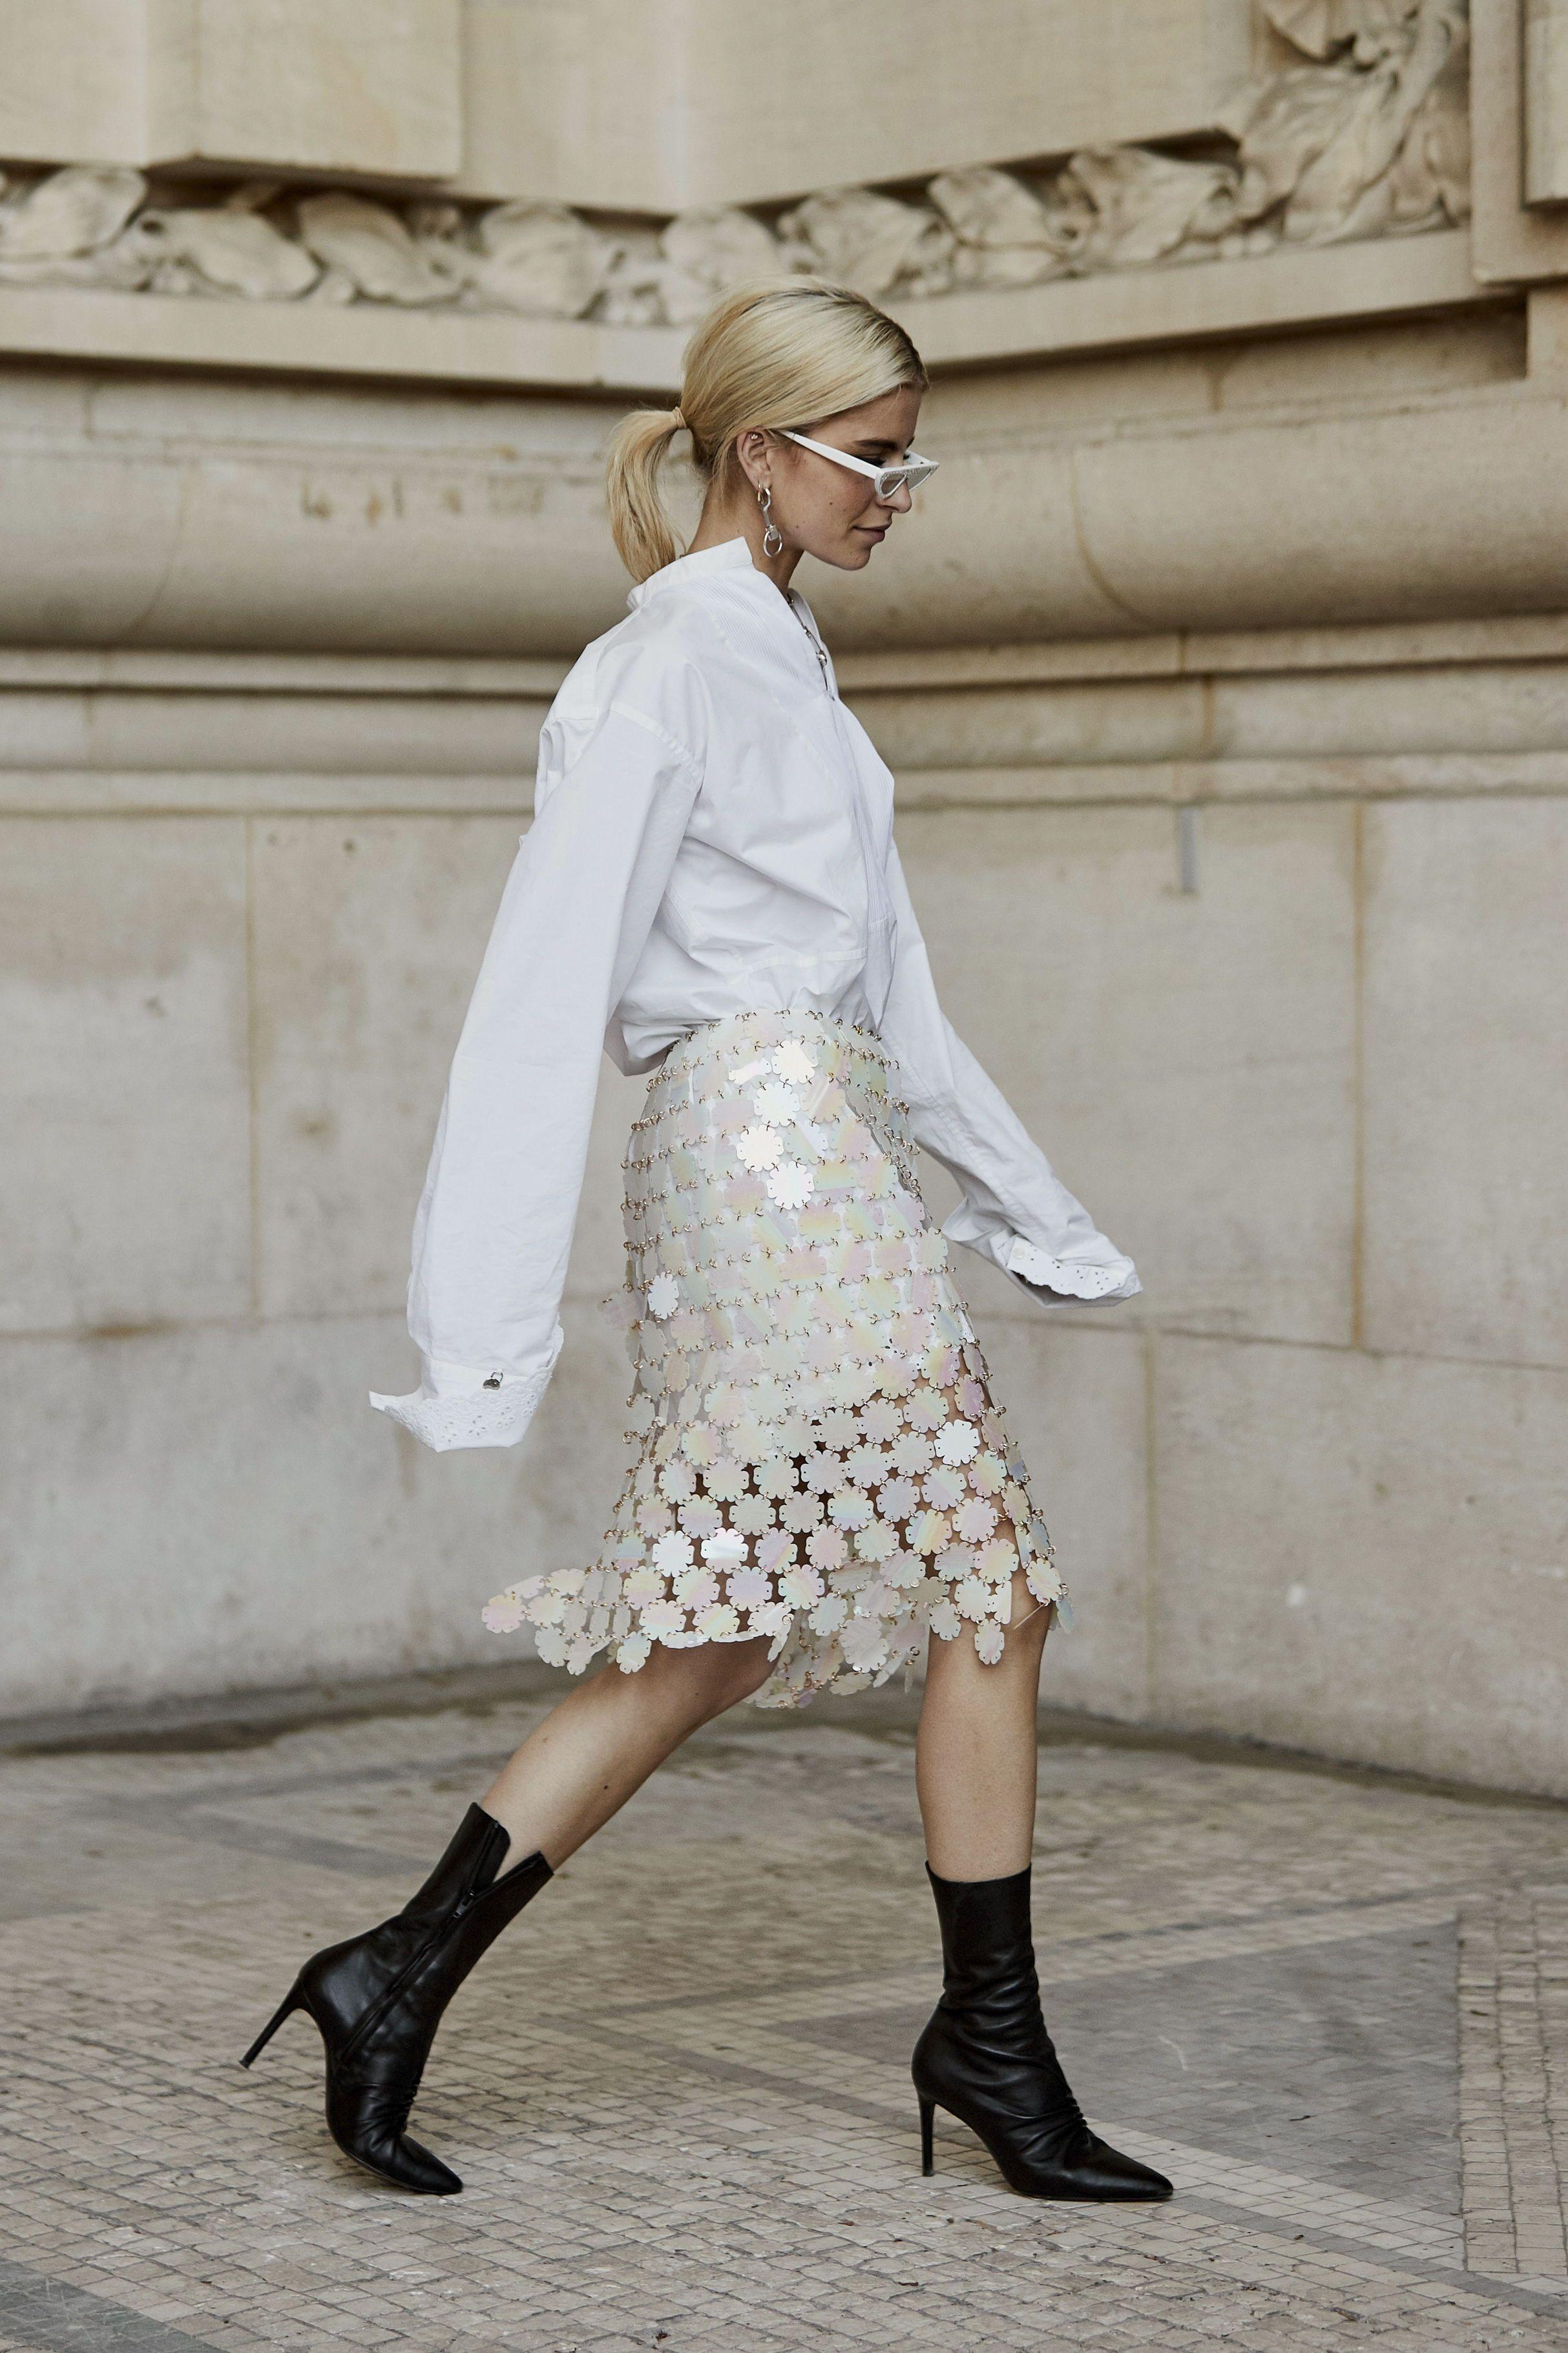 Modetrend: 5 Schuh-Trends für den Frühling